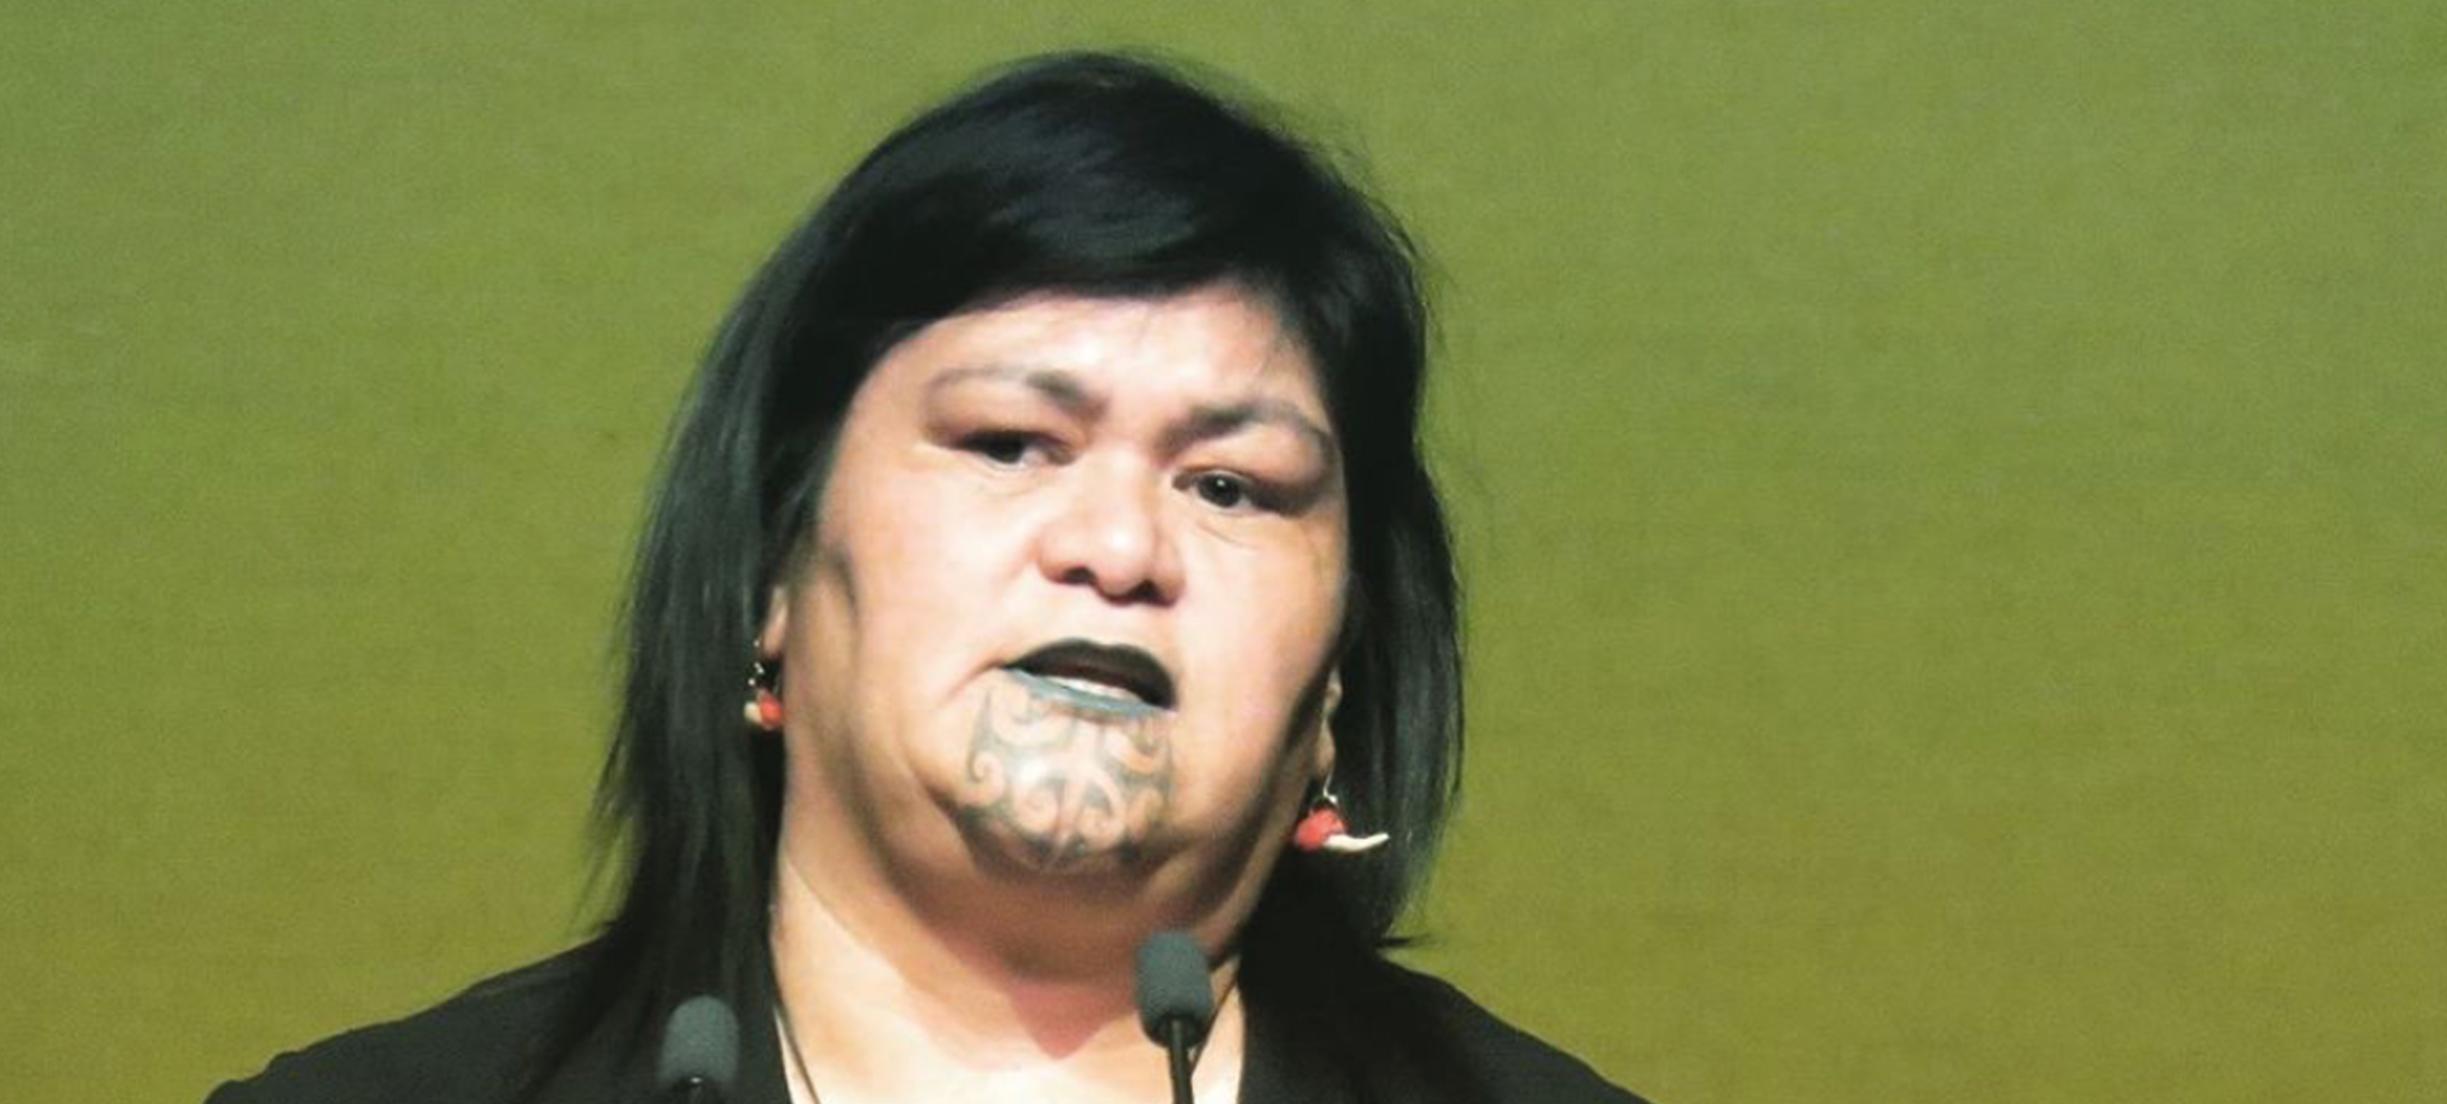 Nieuw-Zeeland's nieuwe minister van Buitenlandse Zaken is vrouw én Māori